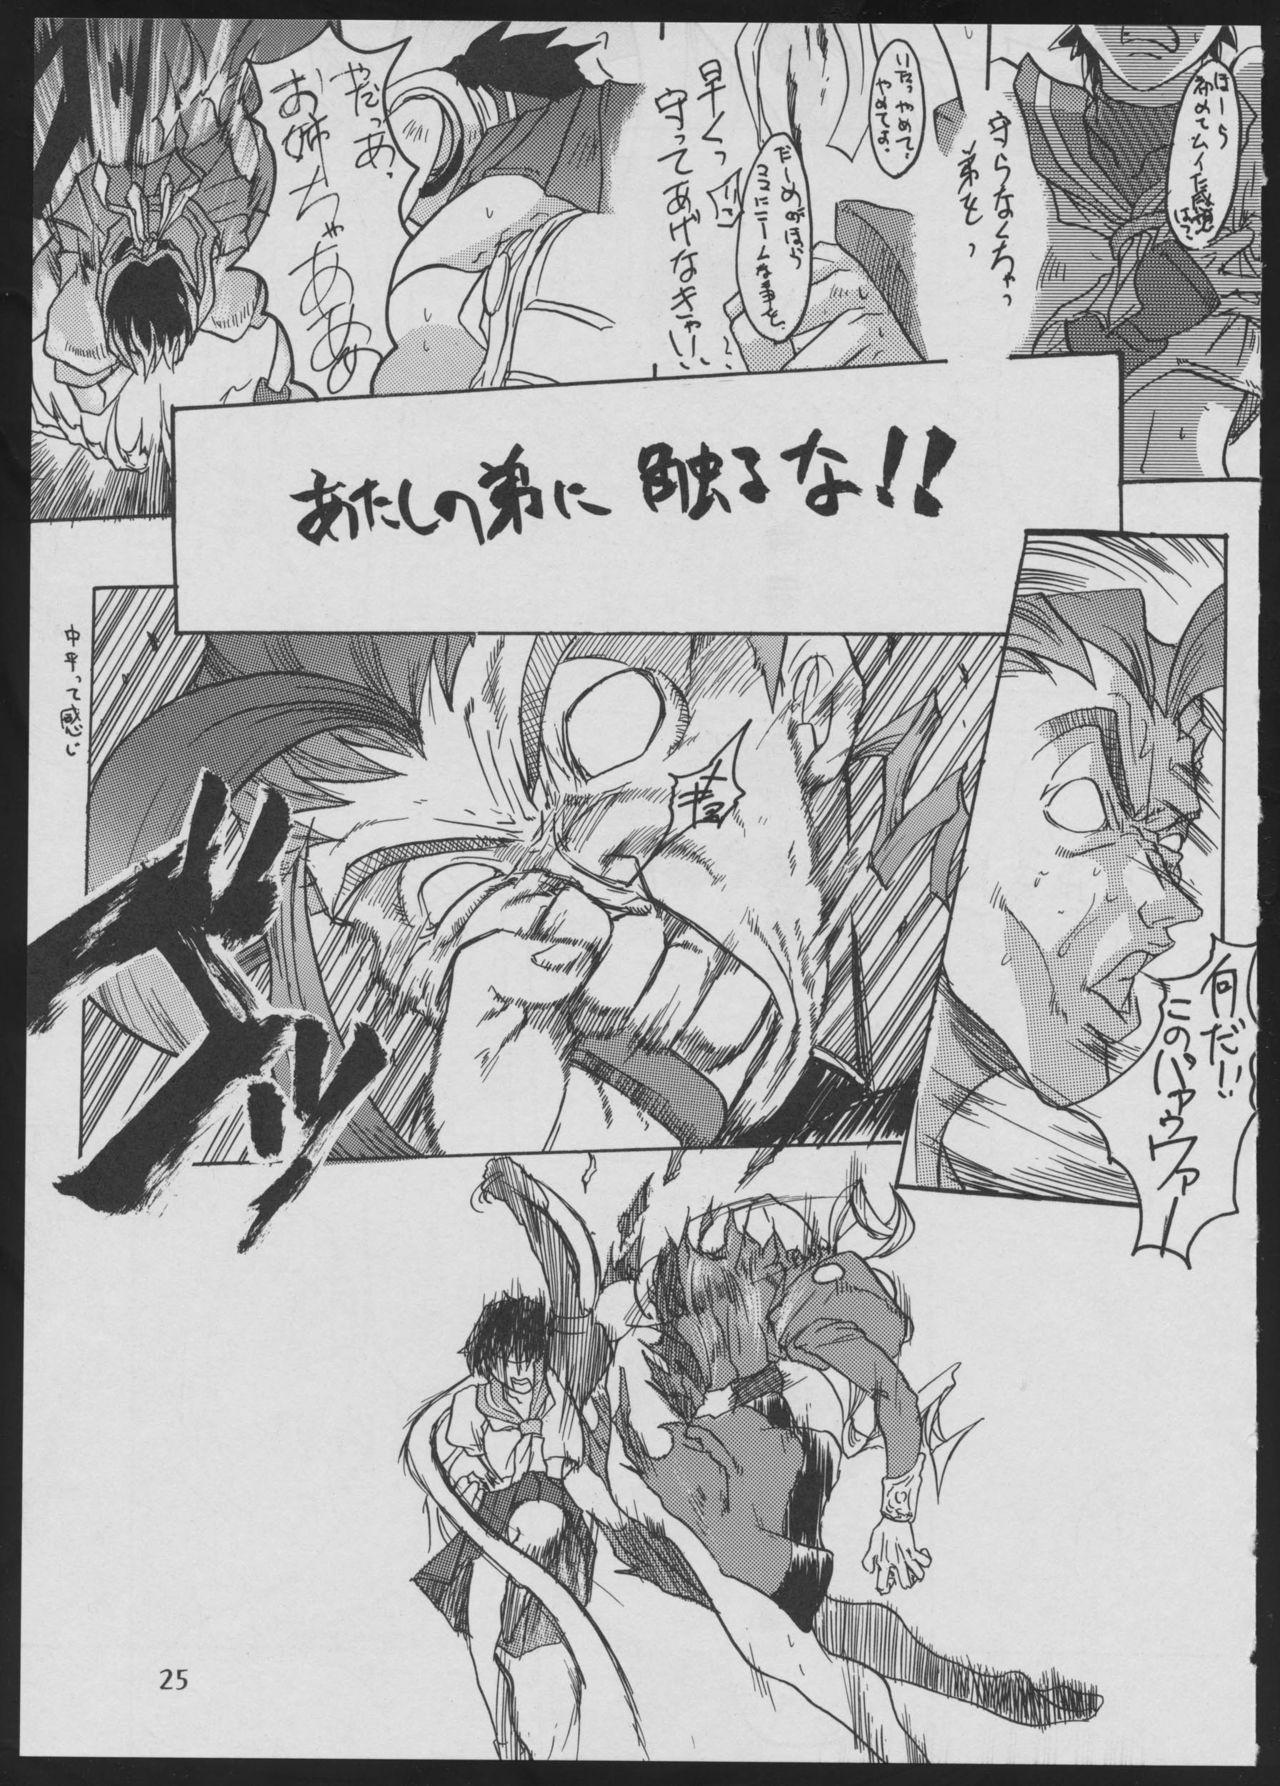 '96 Natsu no Game 18-kin Special 24